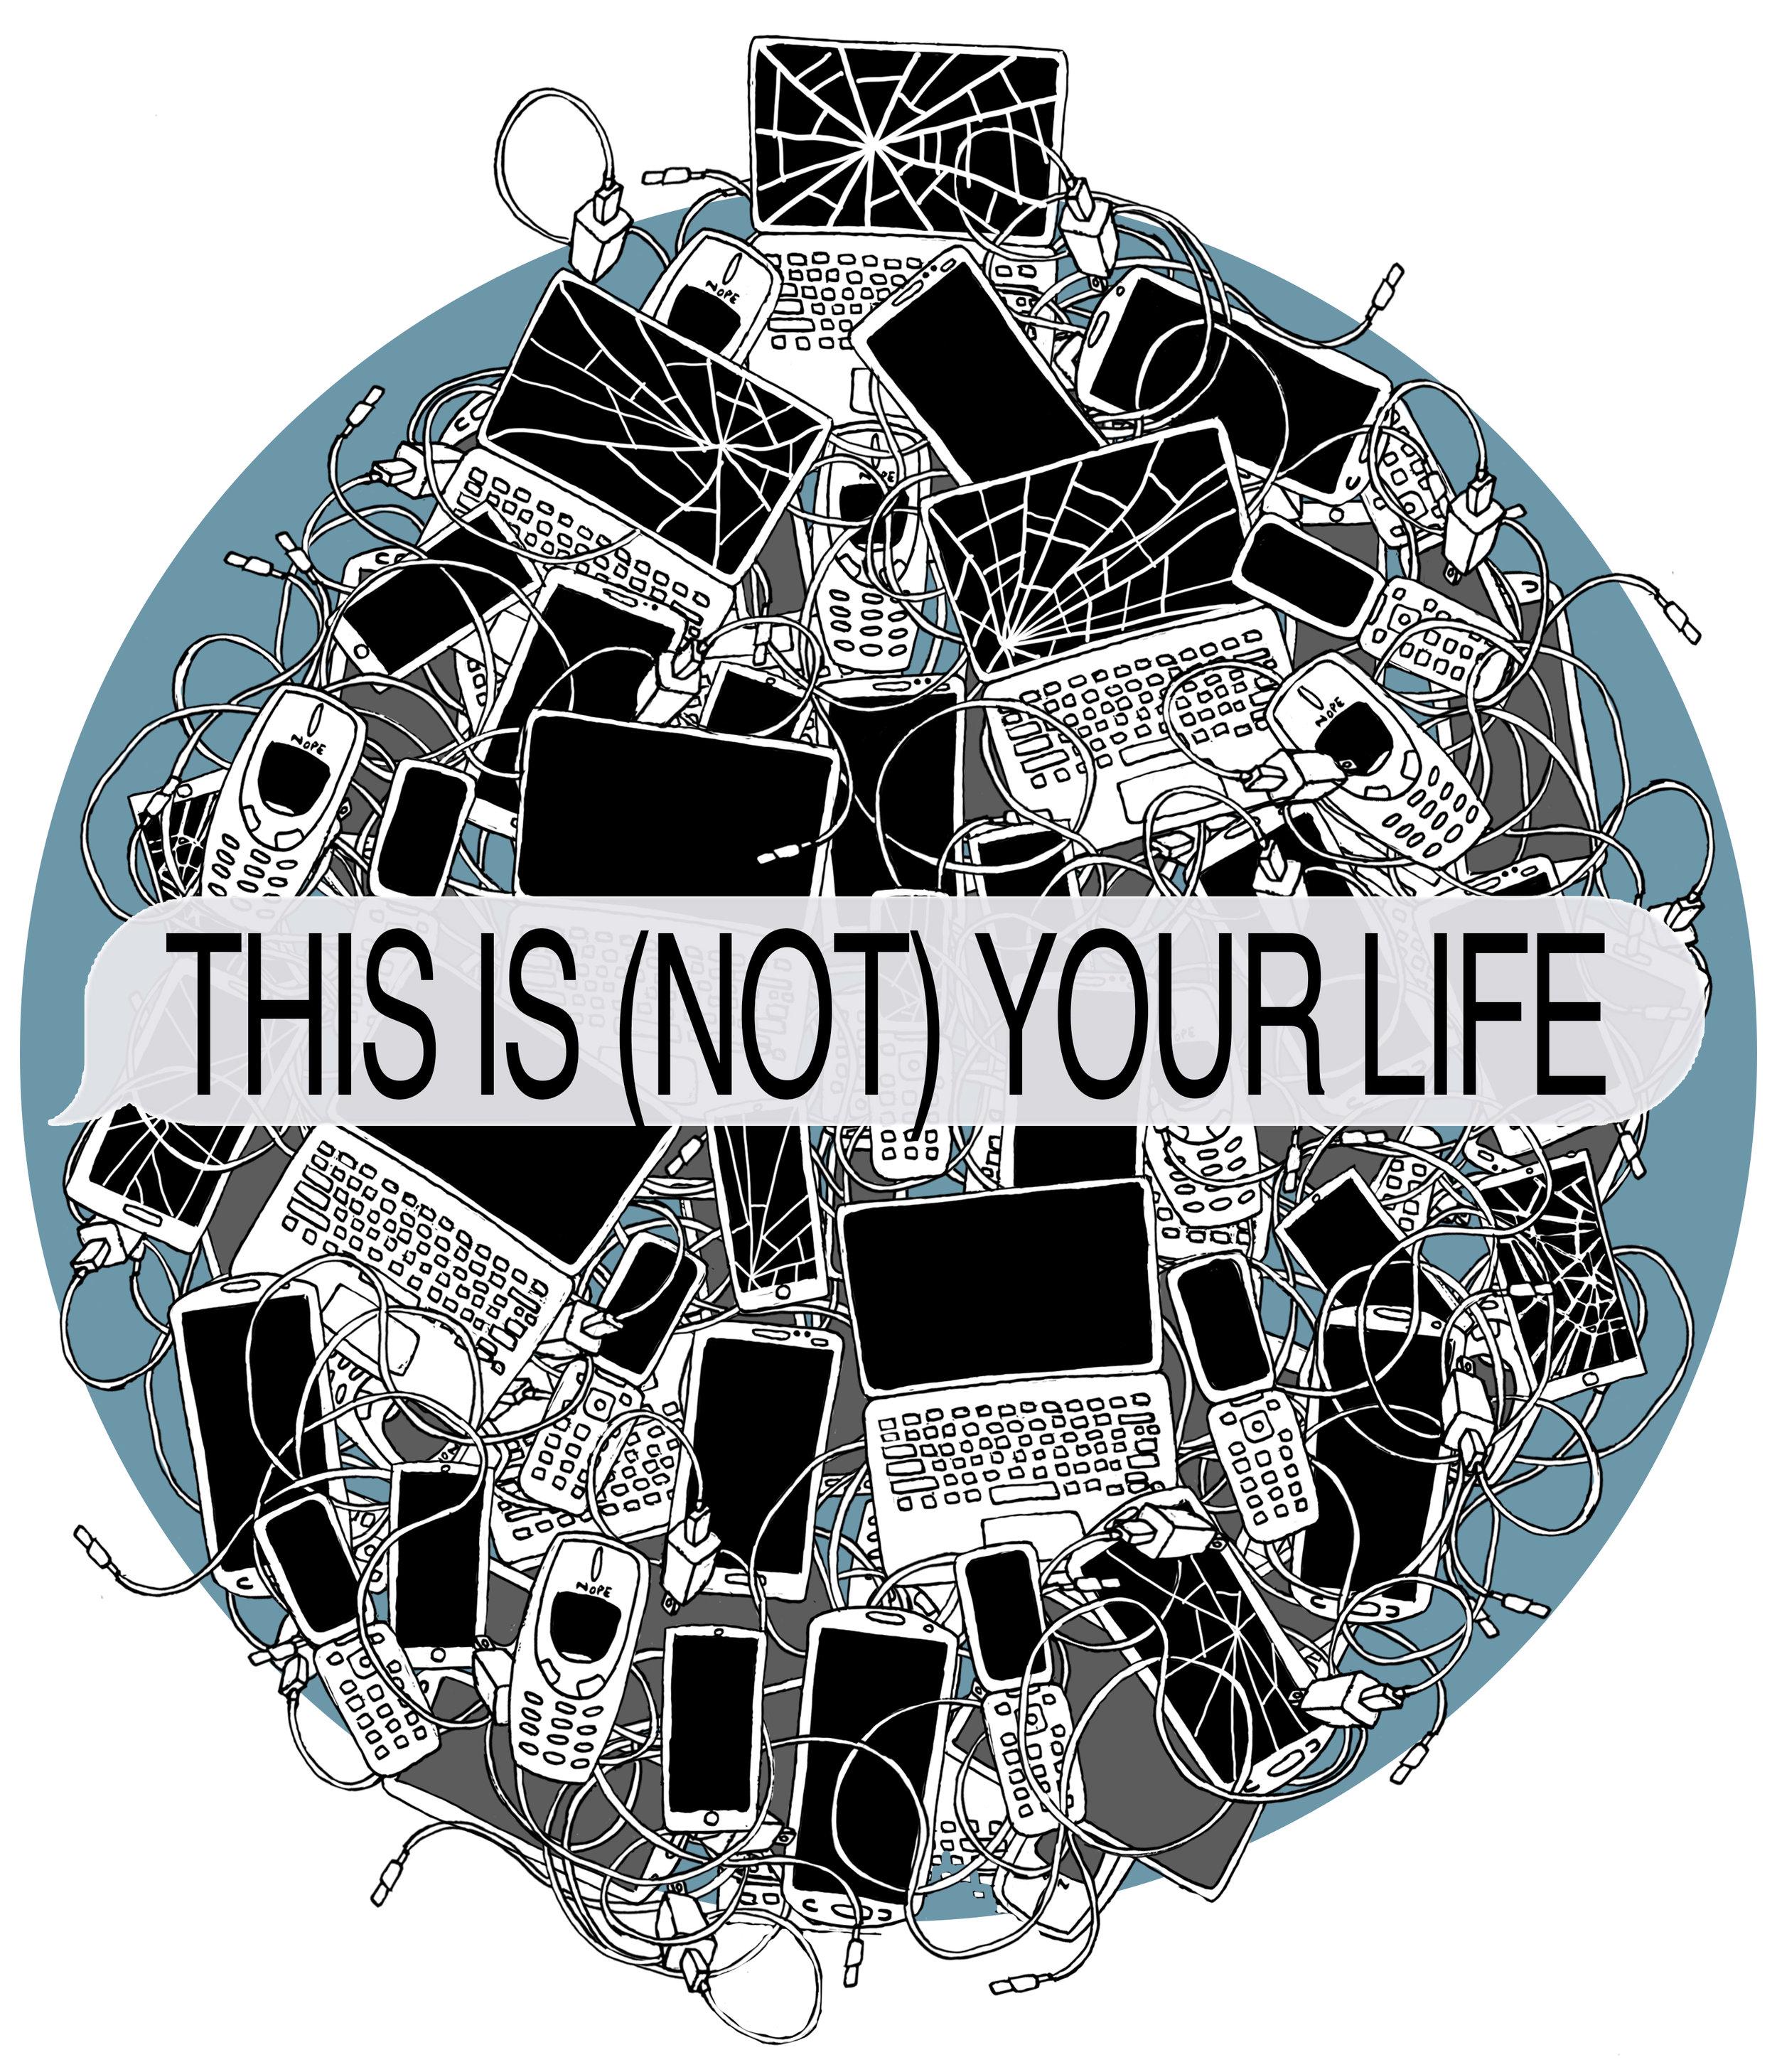 It isn't